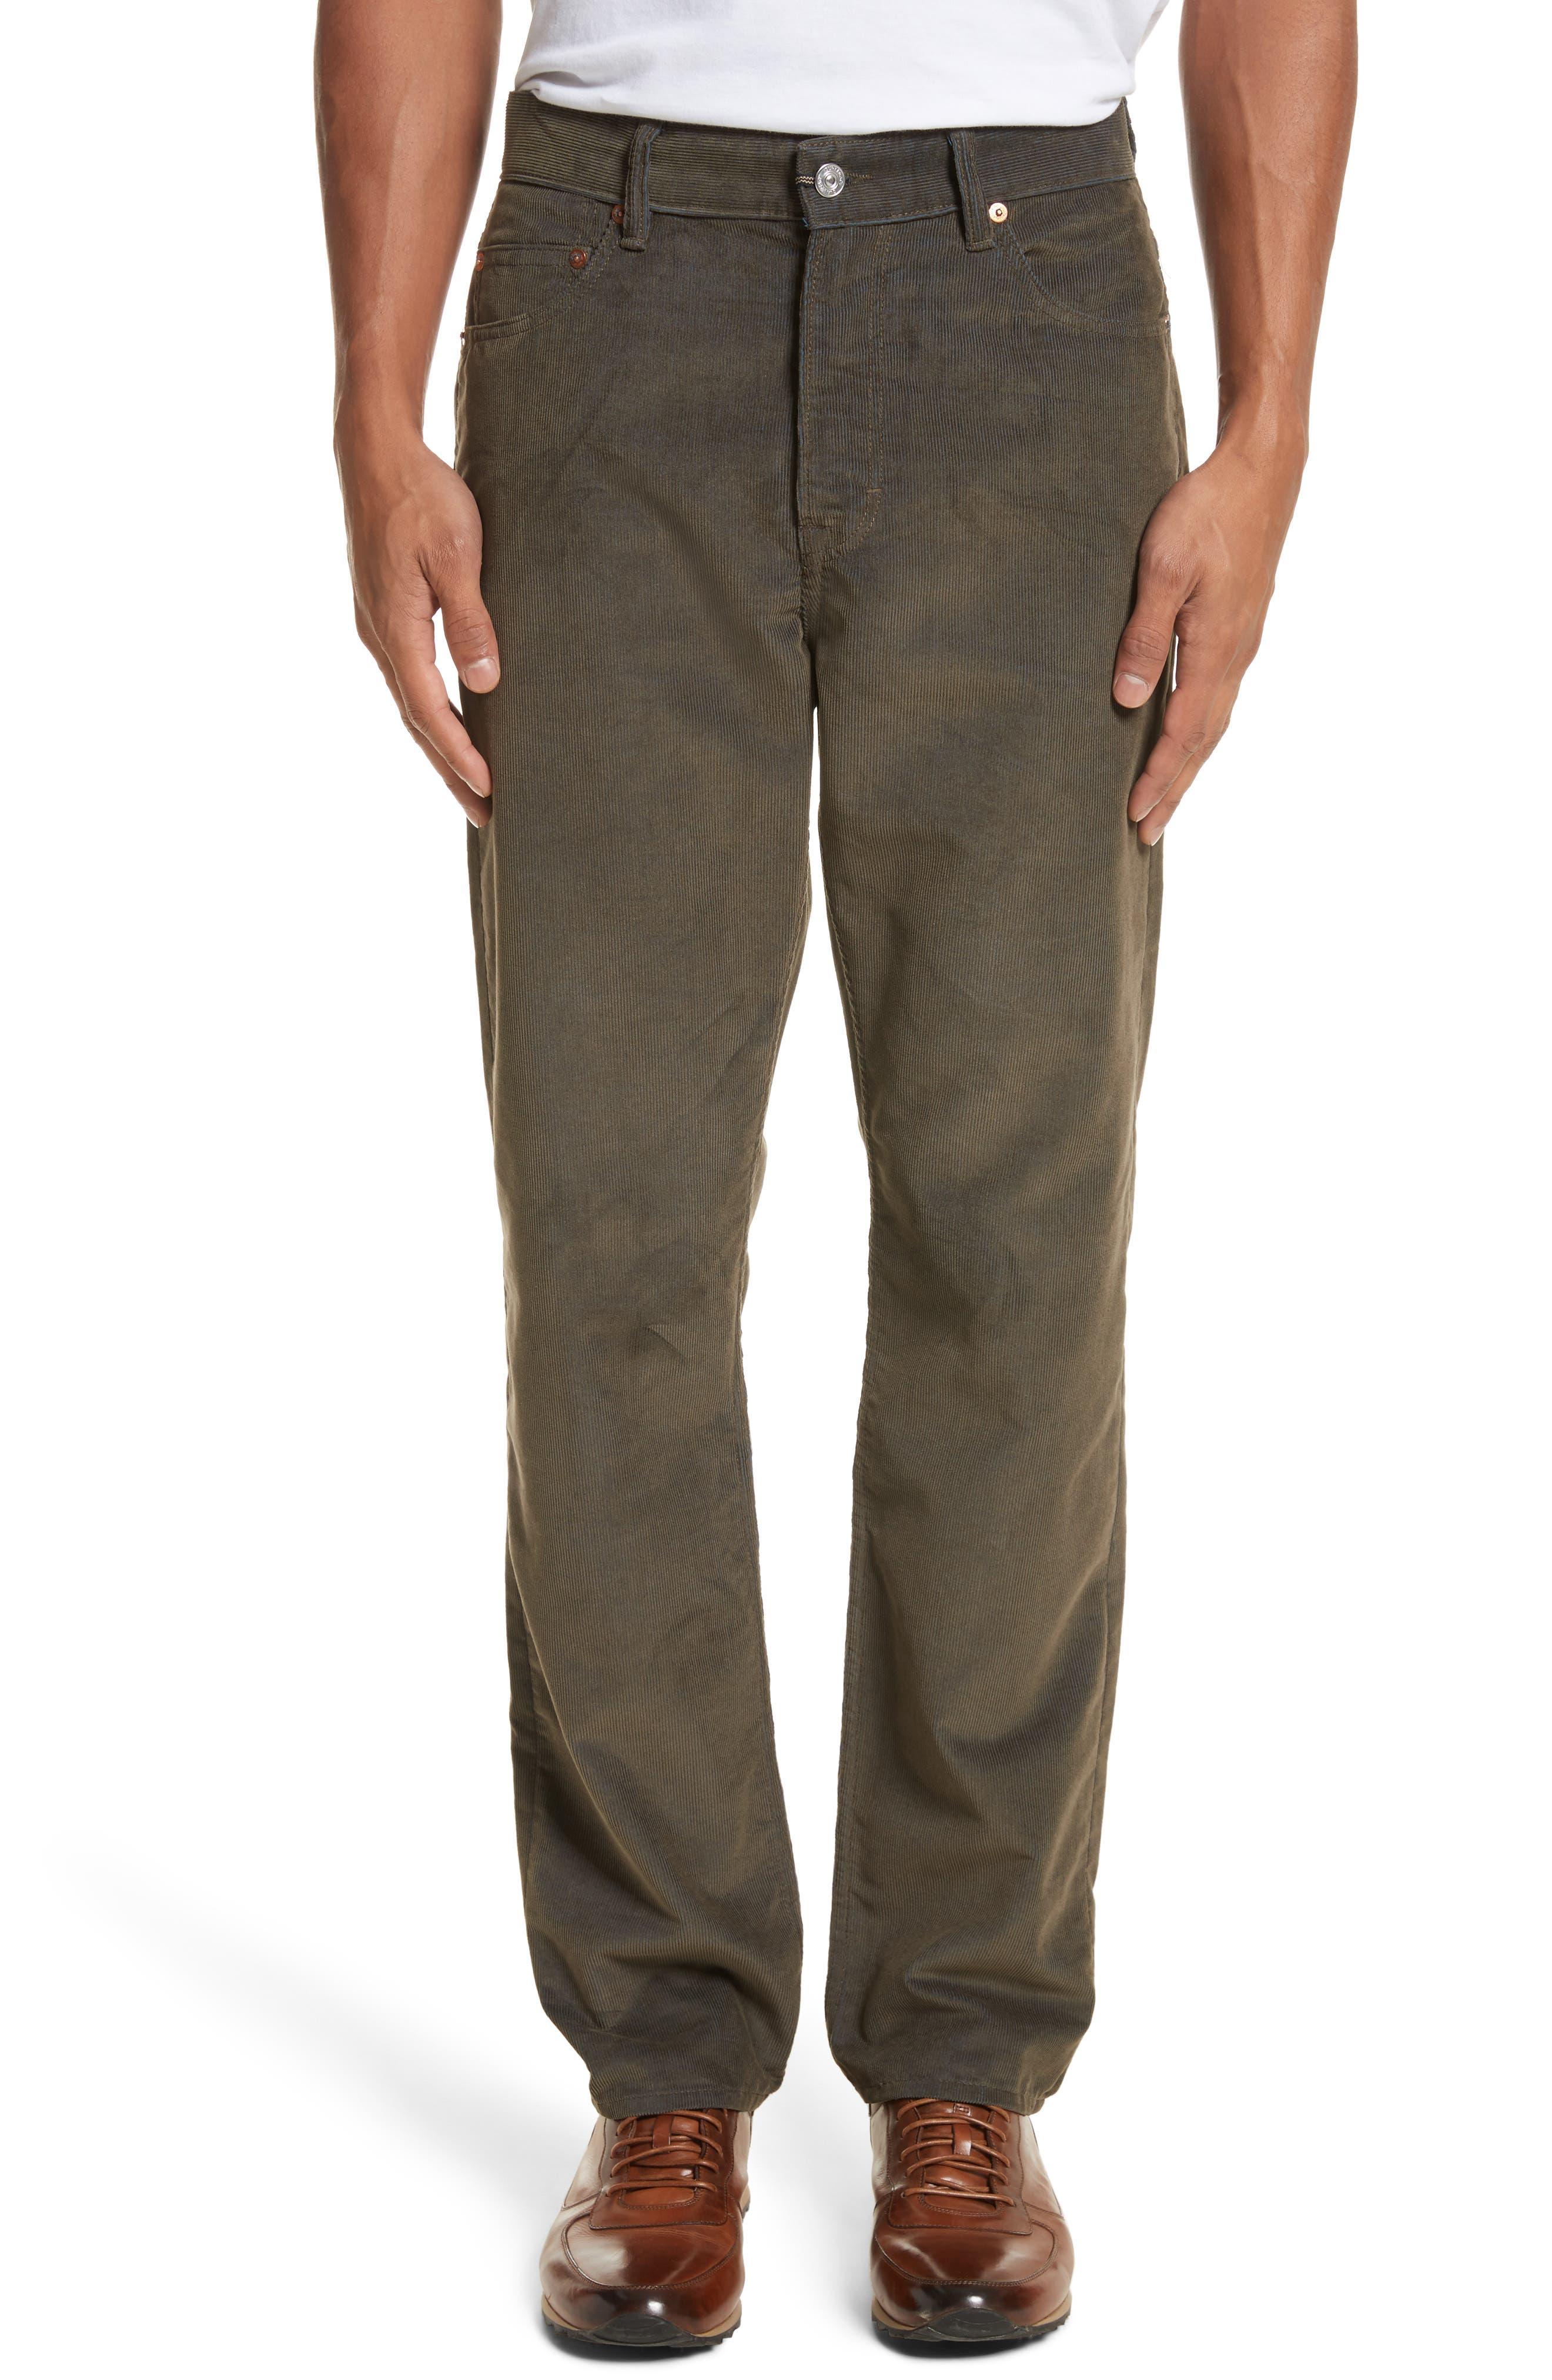 Second Cut Sludge Corduroy Pants,                             Main thumbnail 1, color,                             301